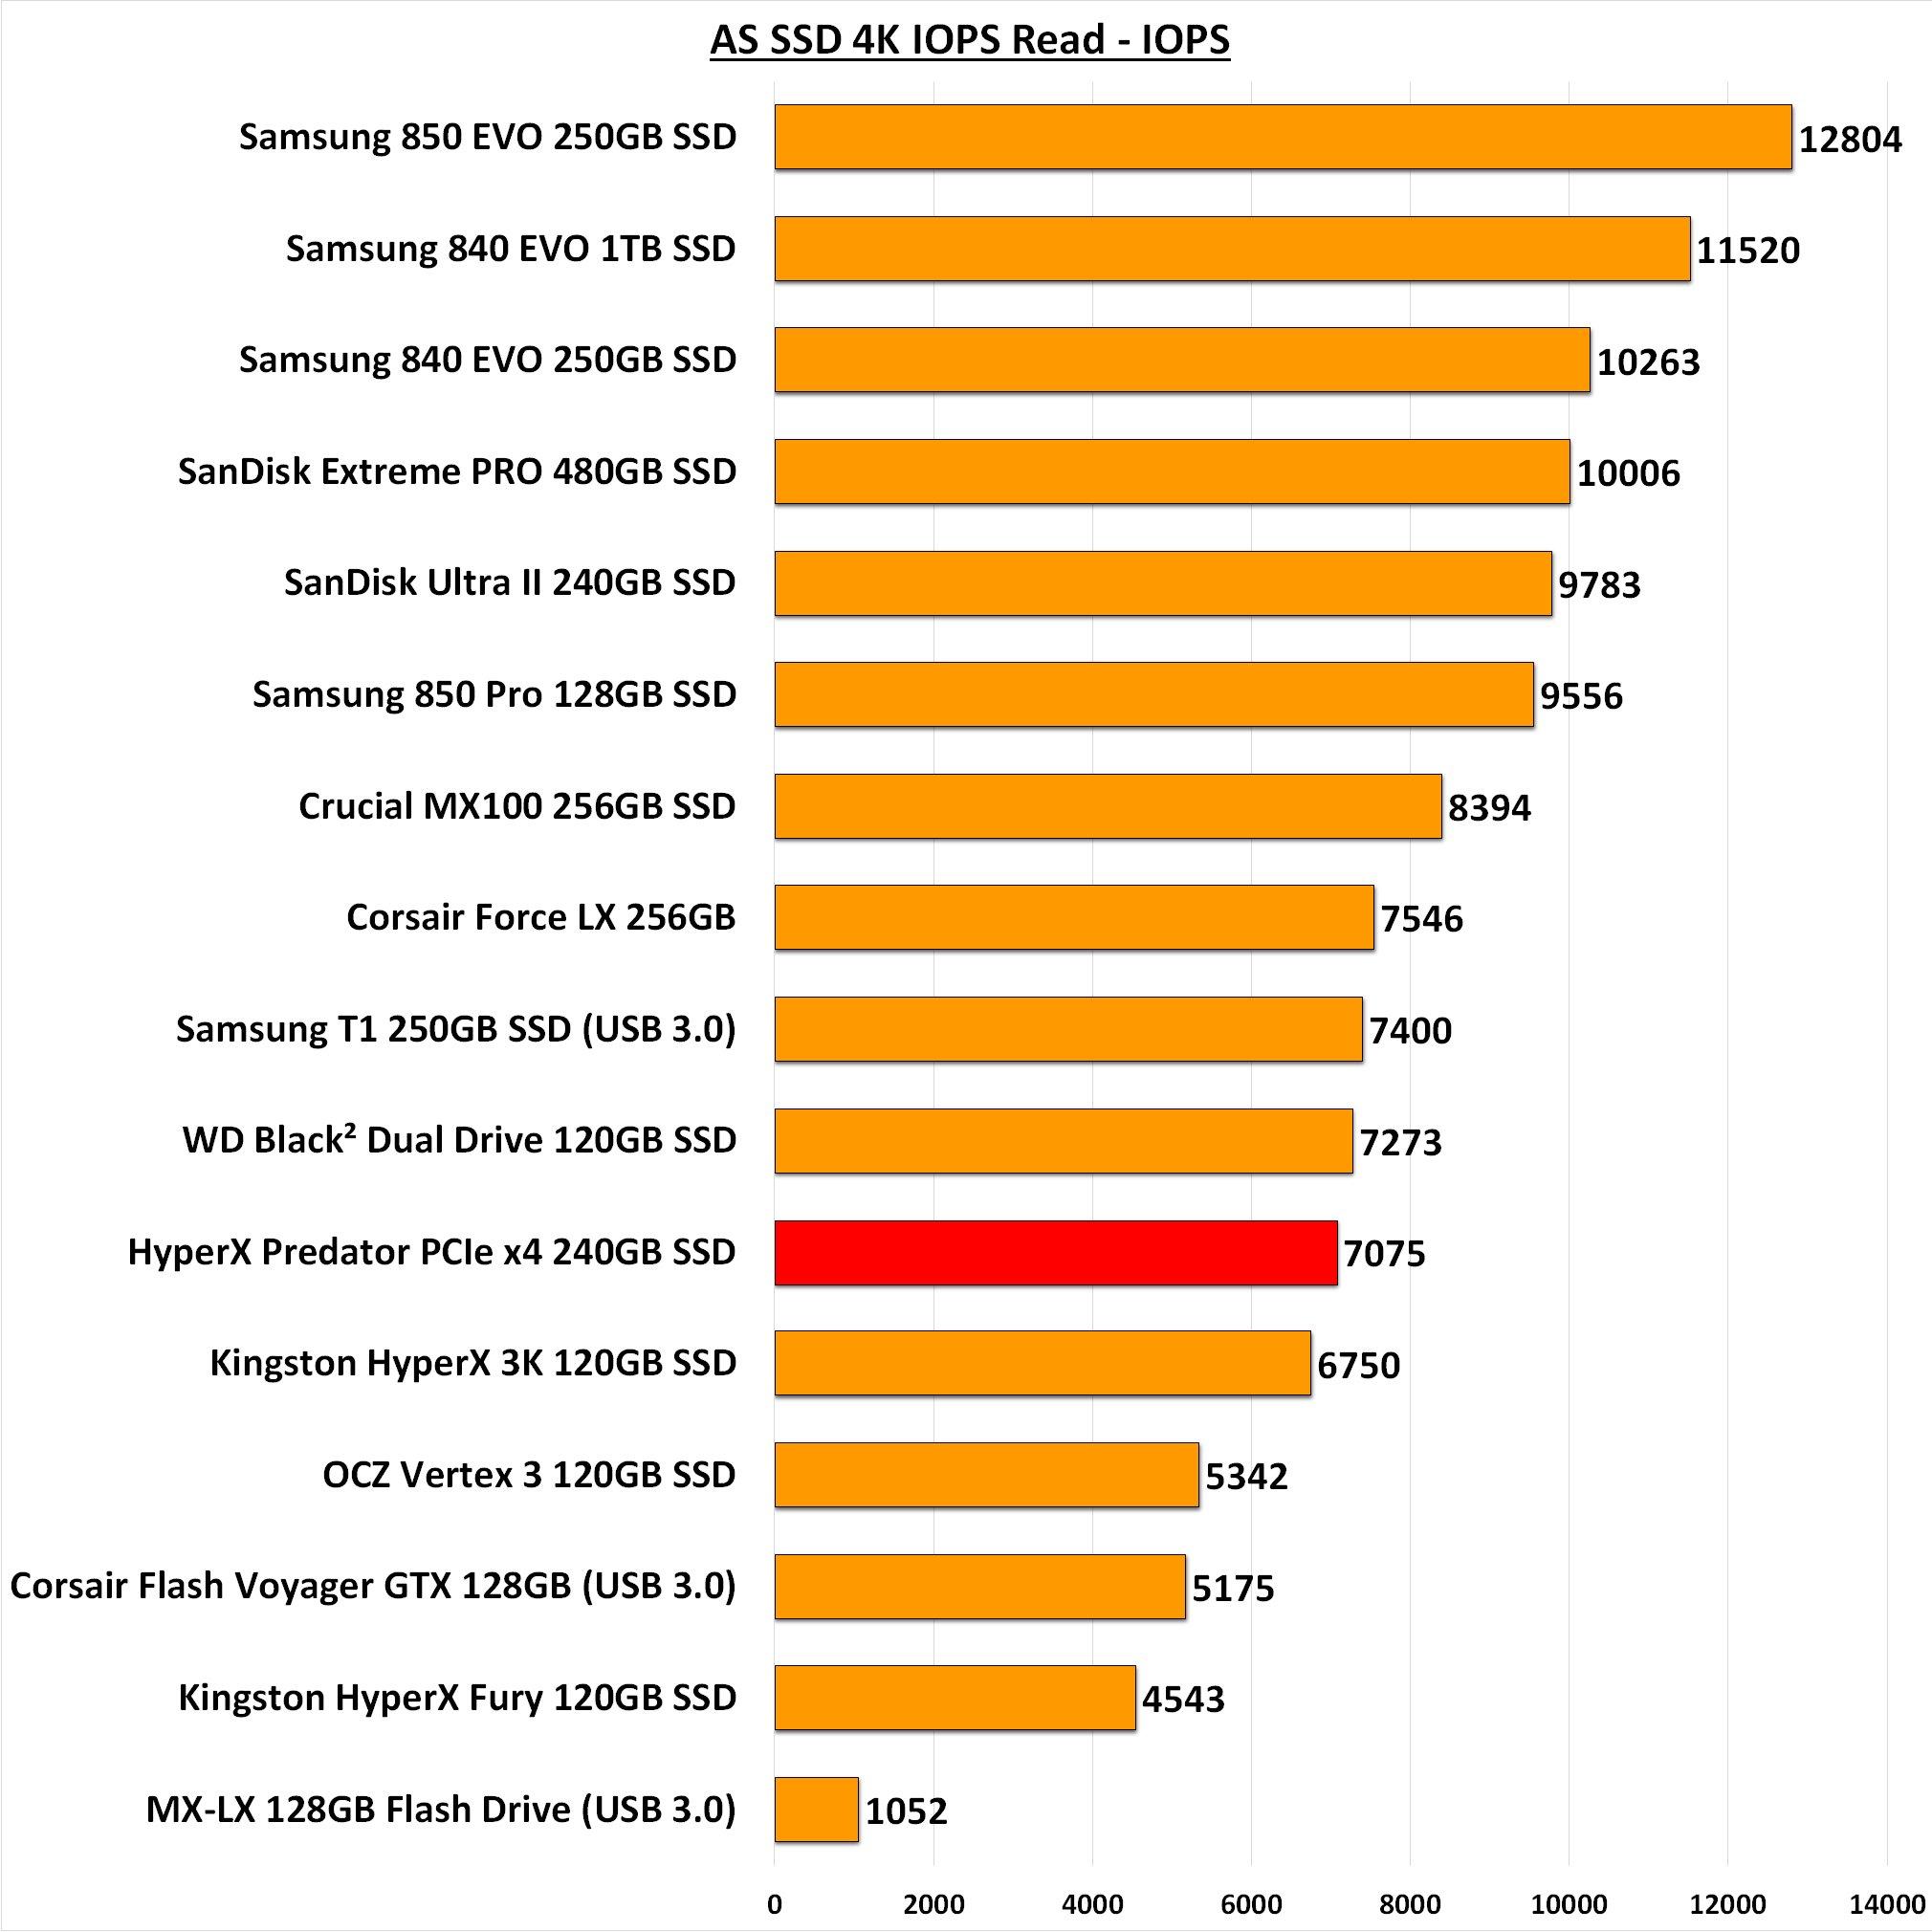 HyperX Predator PCIe x4 HHHL 240GB SSD Review | Page 3 of 7